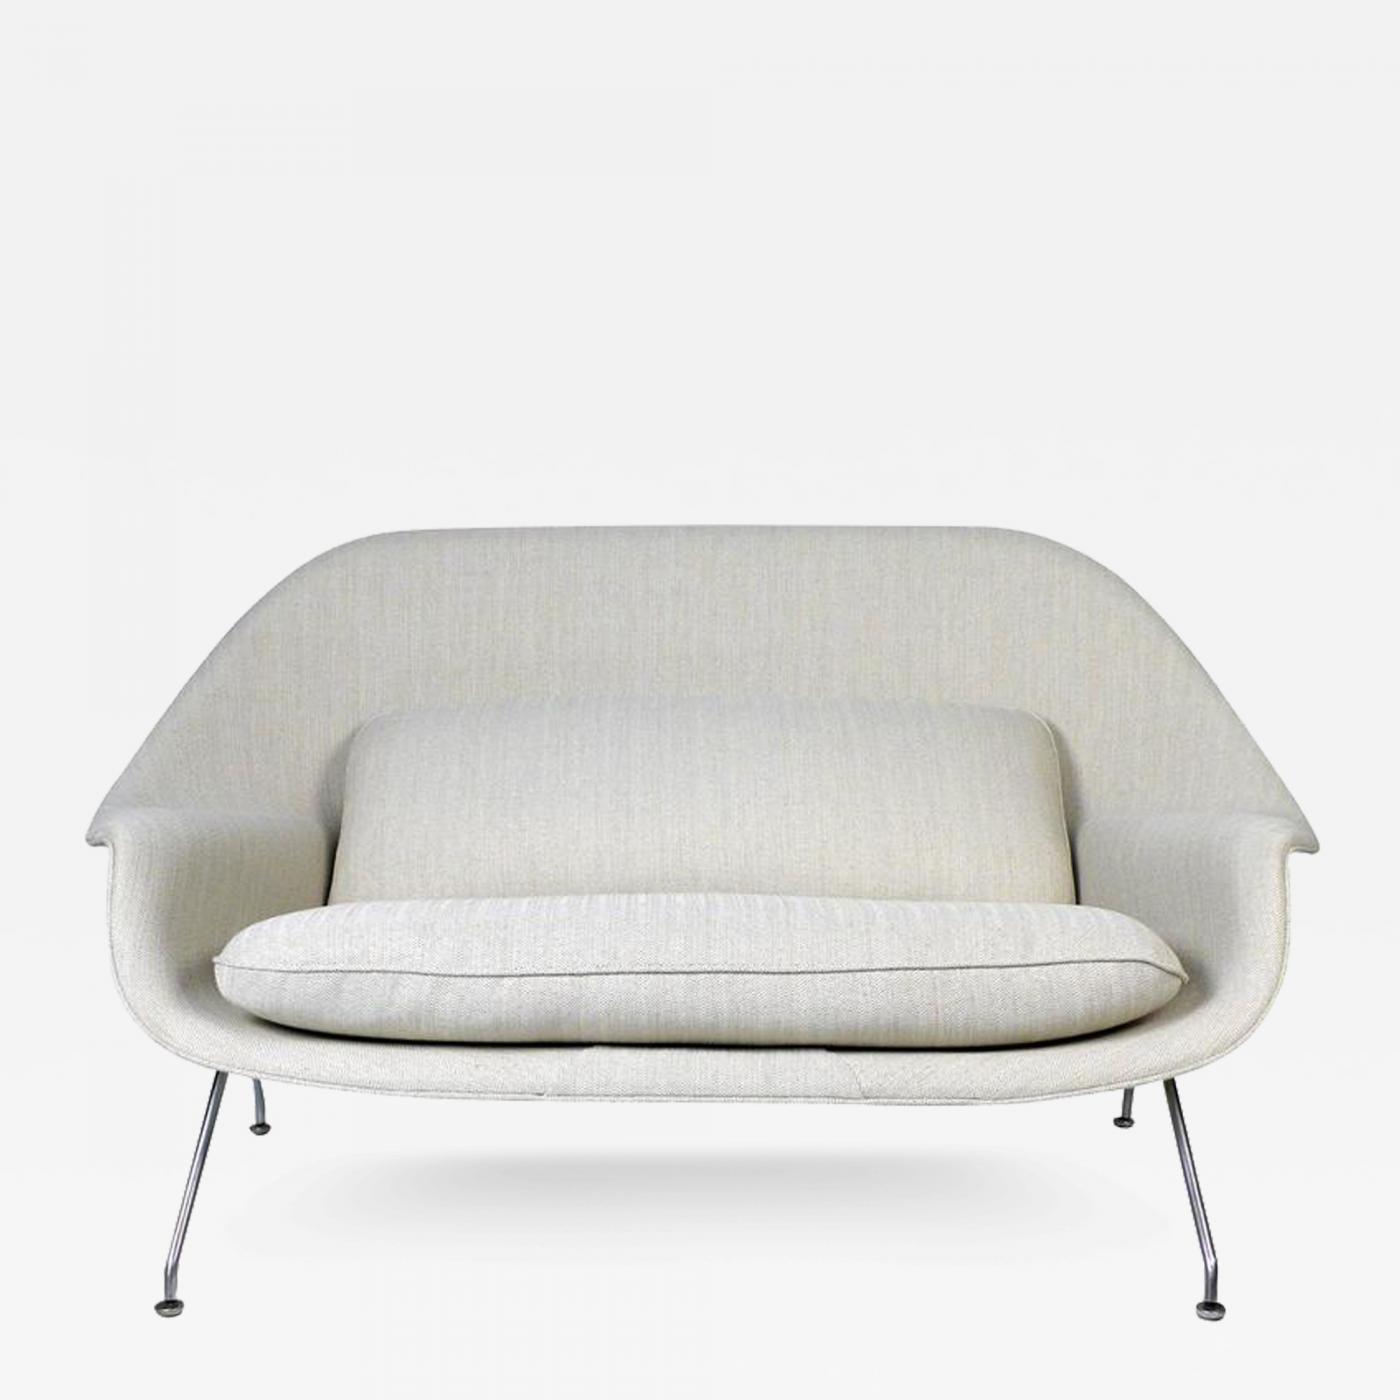 Eero Saarinen Womb Sofa by Eero Saarinen for Knoll